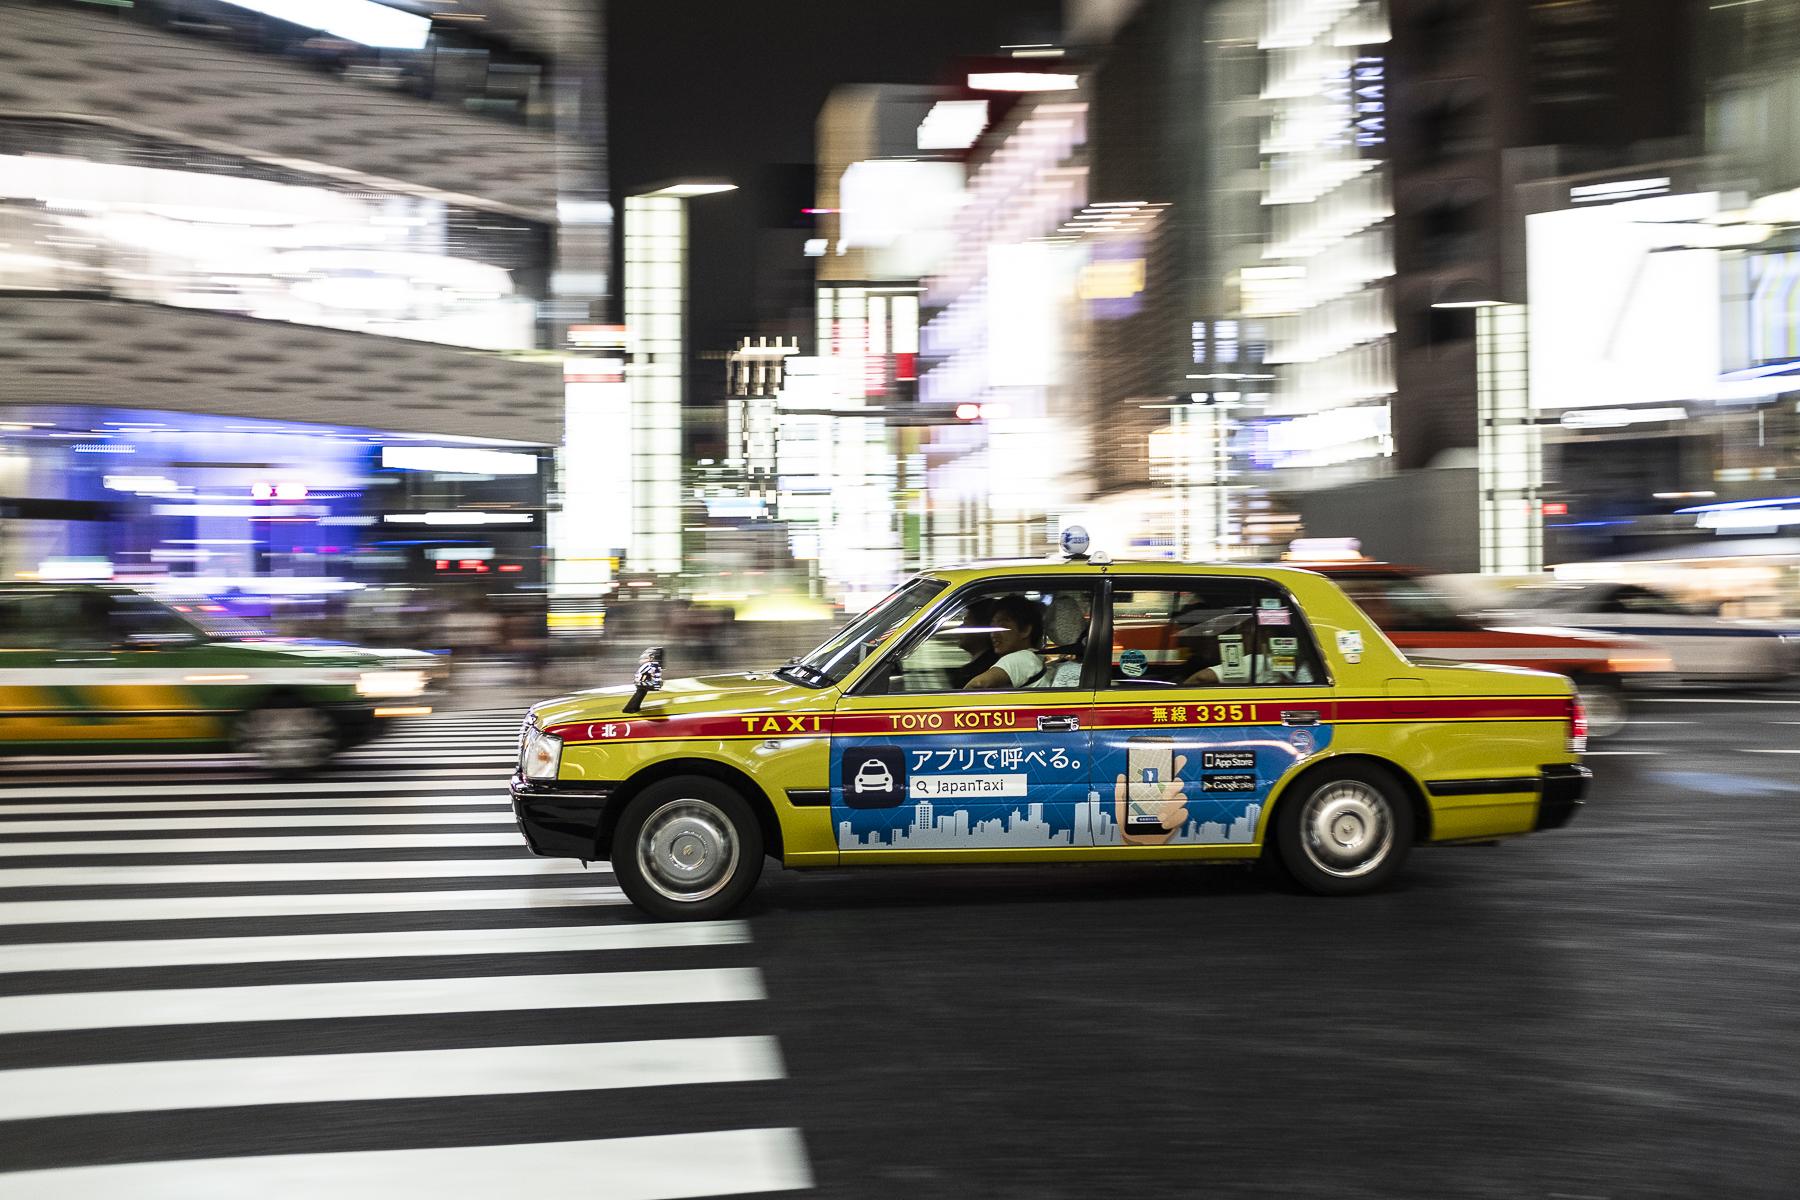 Taxi de noche TOKYO, JAPON // ZARAGOZA WALKERS